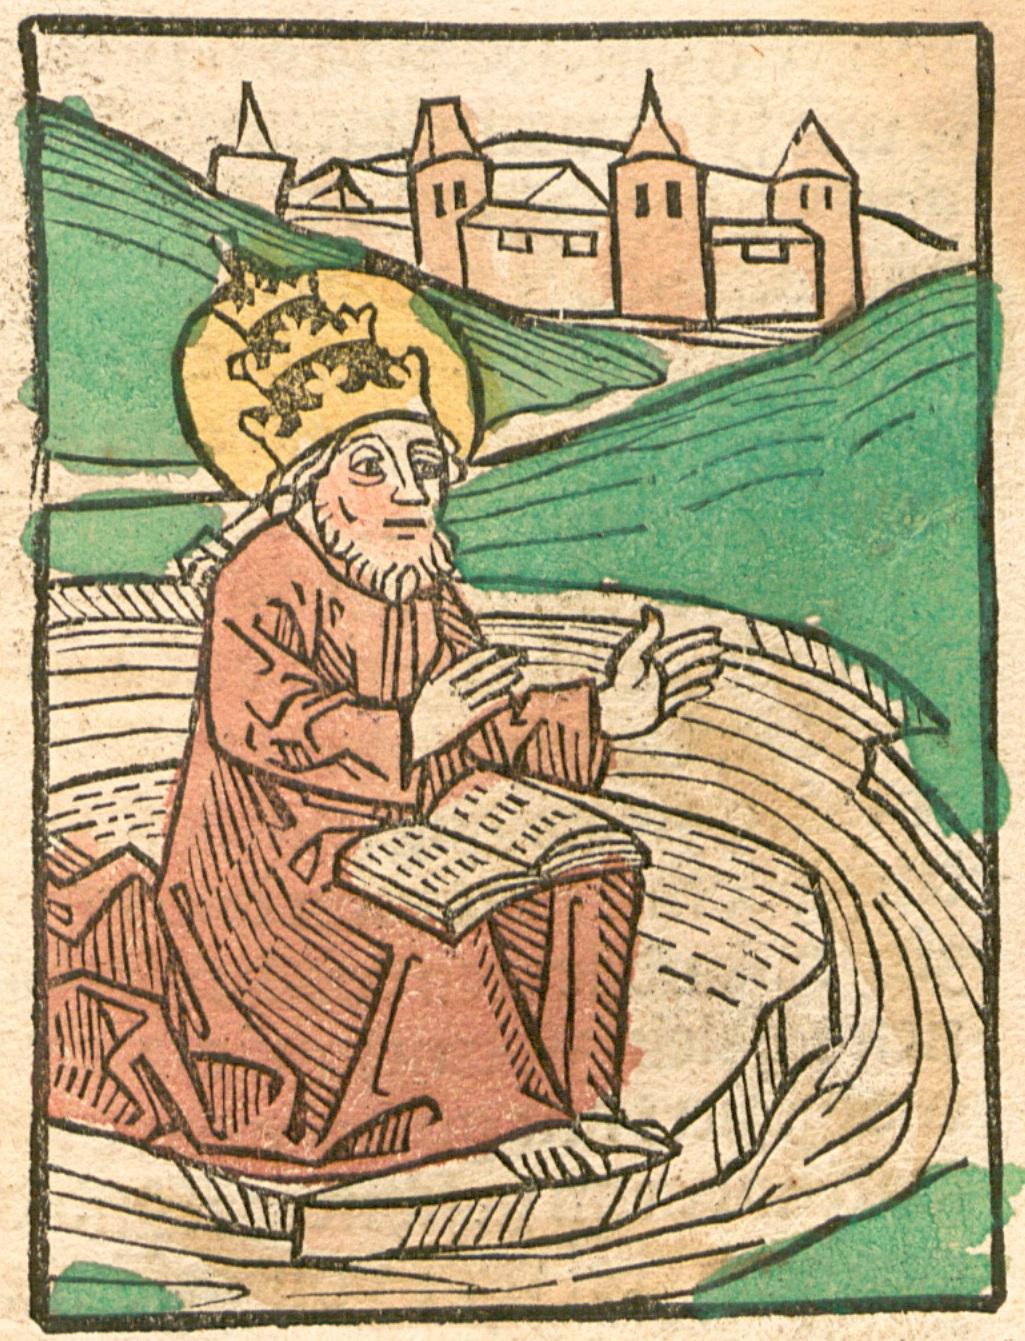 1489 Schönsperger (118r)